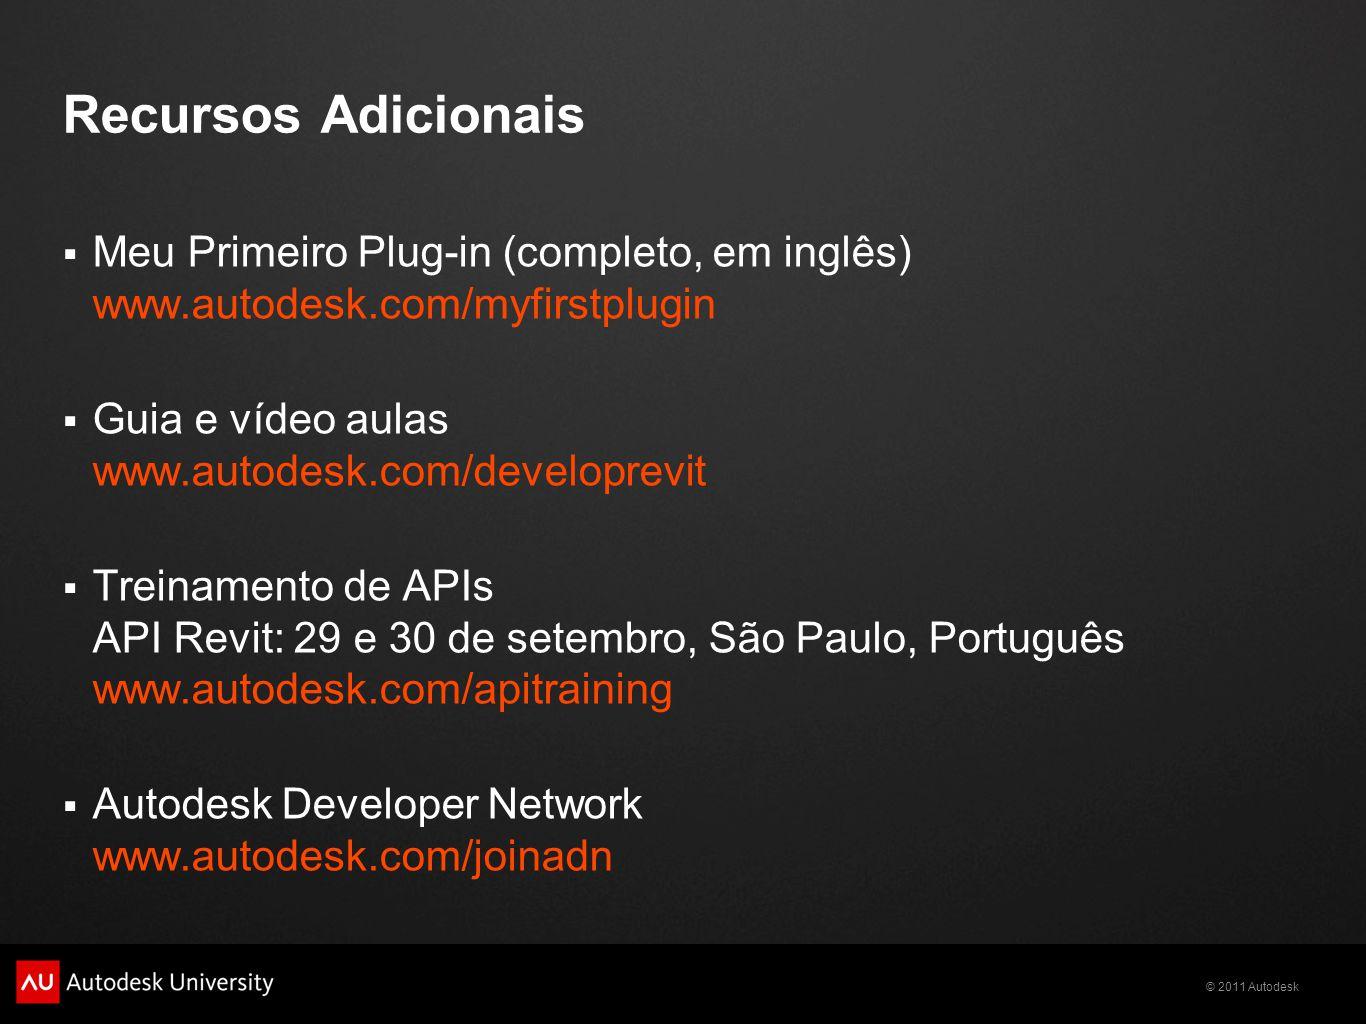 Recursos Adicionais Meu Primeiro Plug-in (completo, em inglês) www.autodesk.com/myfirstplugin. Guia e vídeo aulas www.autodesk.com/developrevit.